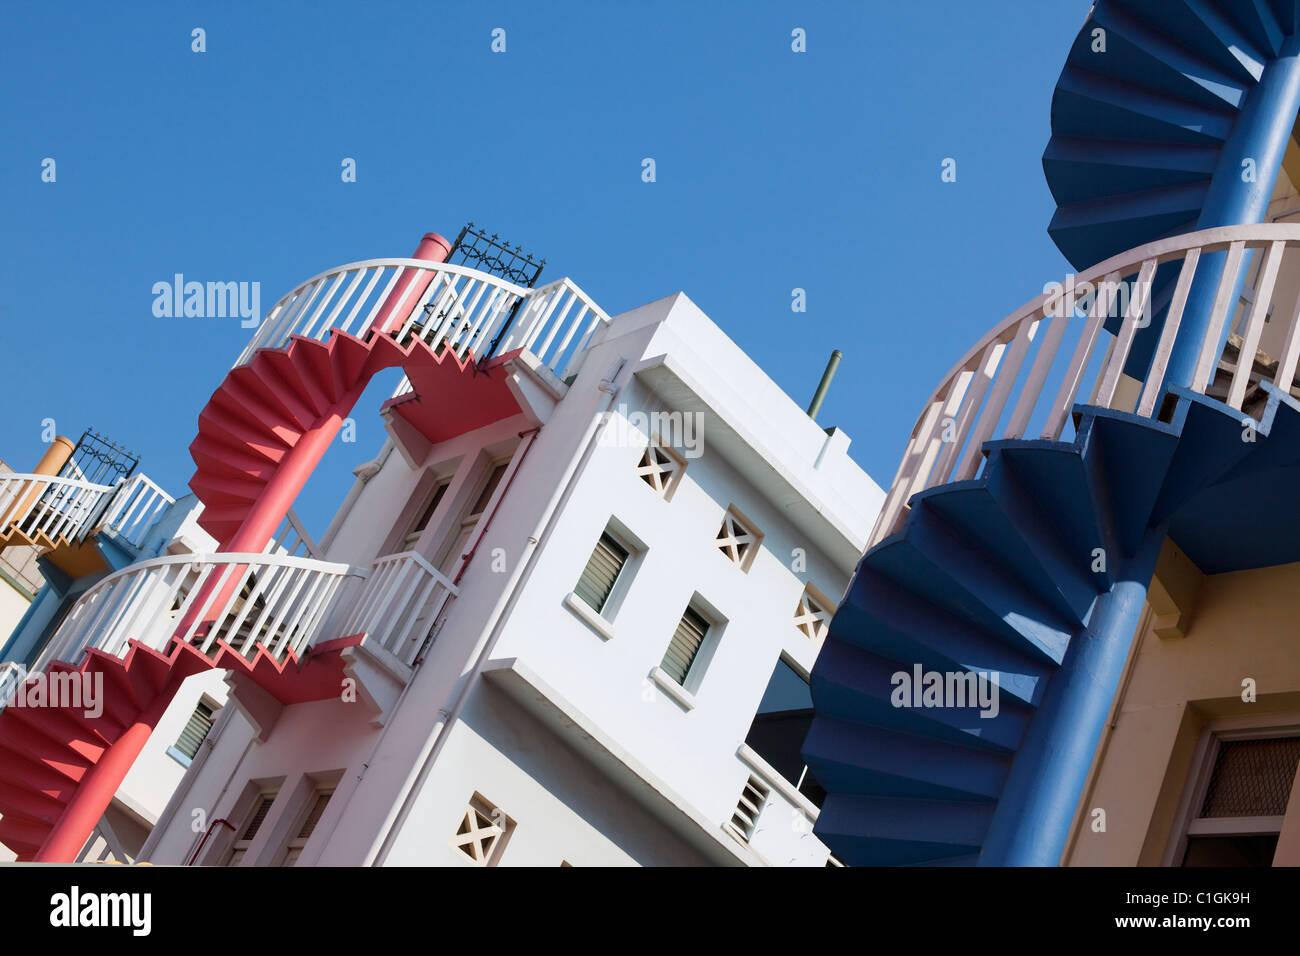 Colorata architettura di blocchi di appartamenti. Bugis, Singapore Immagini Stock